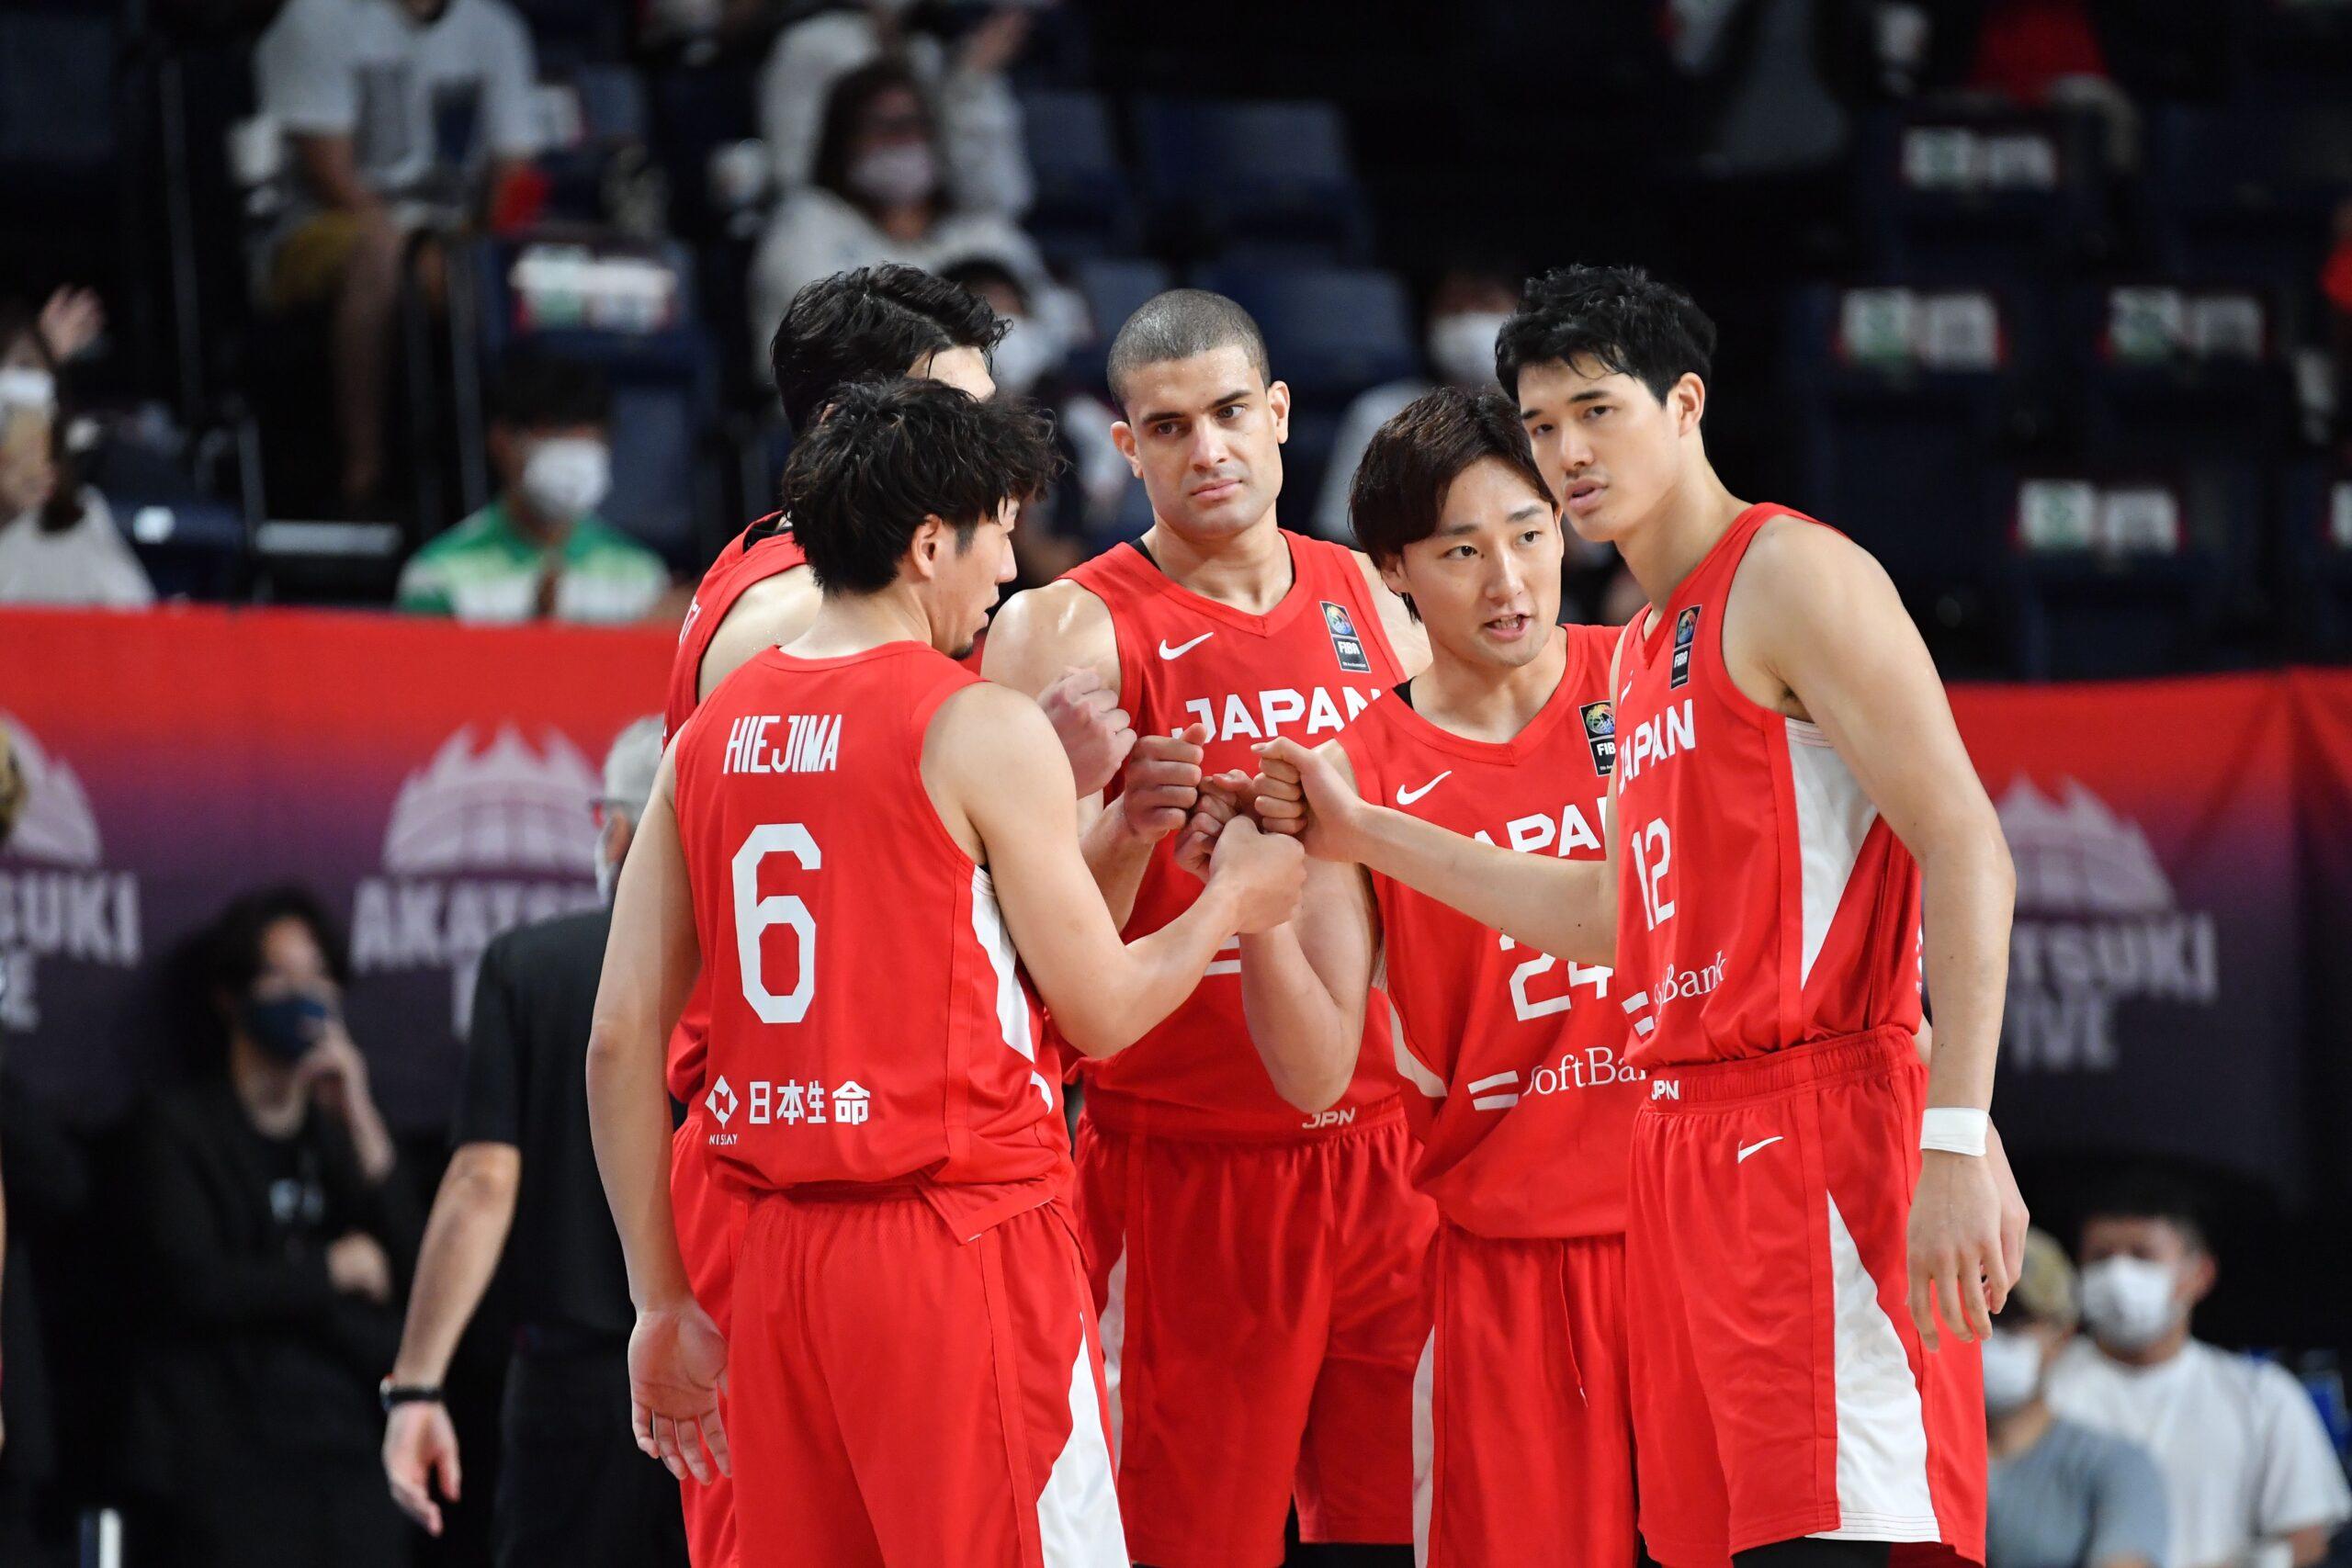 日本代表 VS フィンランド代表 強化試合 沖縄大会を終えて